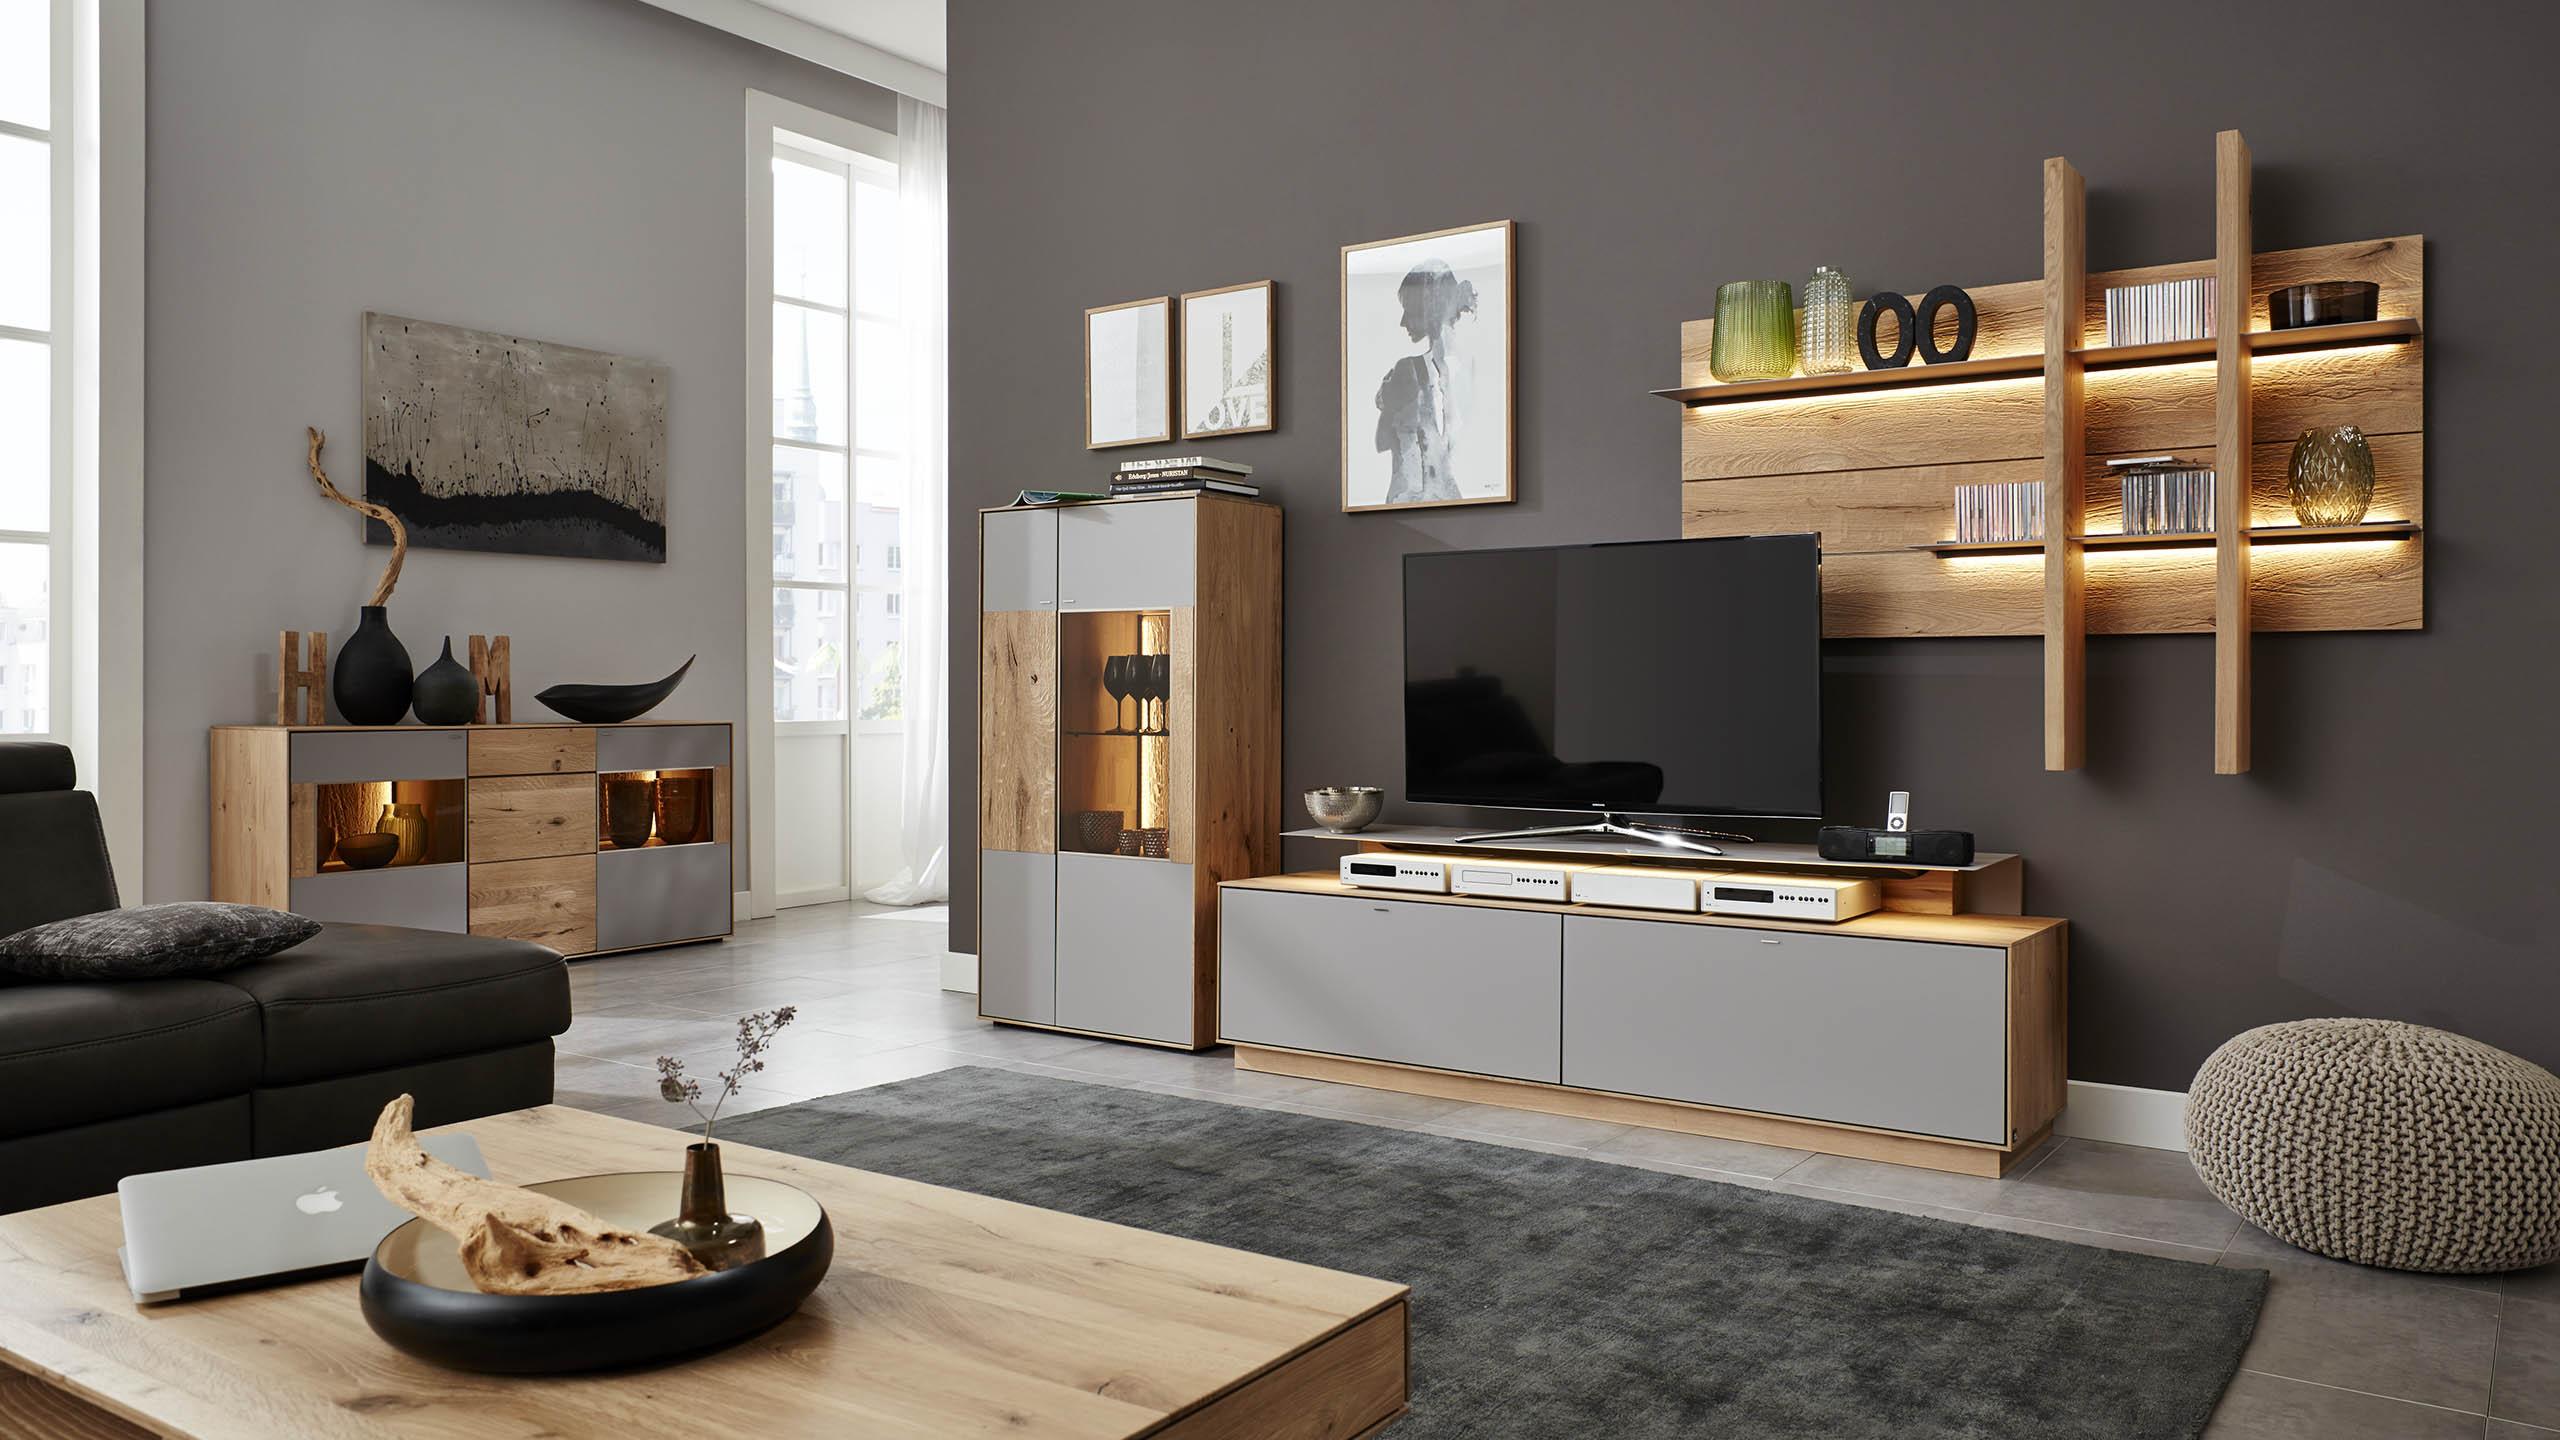 Wohnzimmer Archive | Interliving - Möbel für mich gemacht